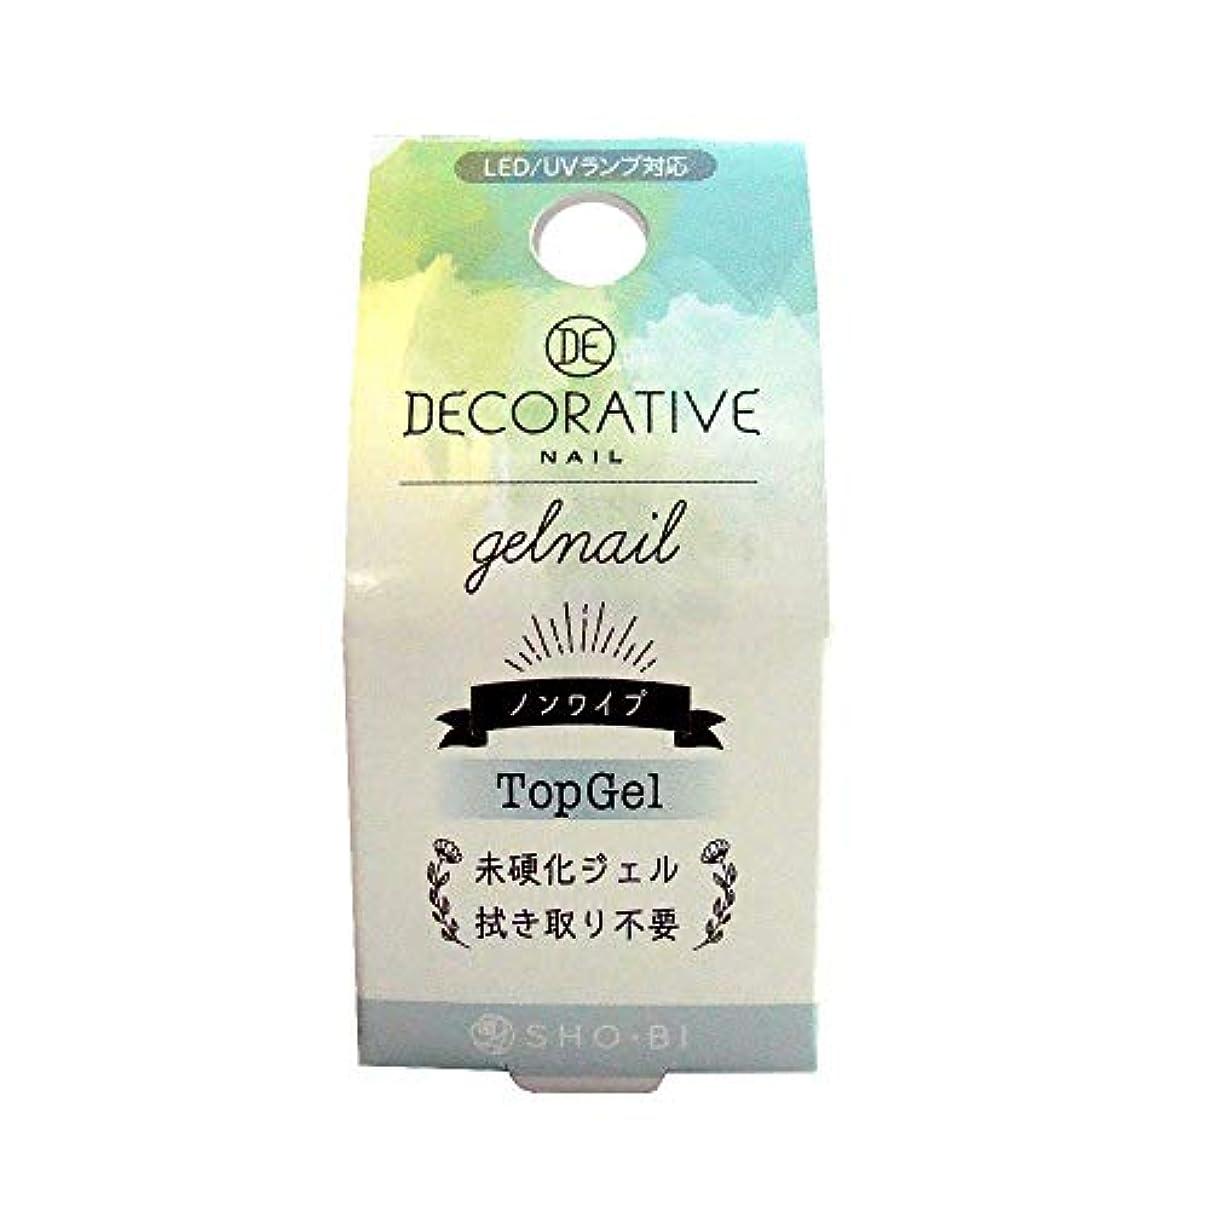 DECORATIVE NAIL デコラティブネイル ジェルネイル トップジェル TN81173